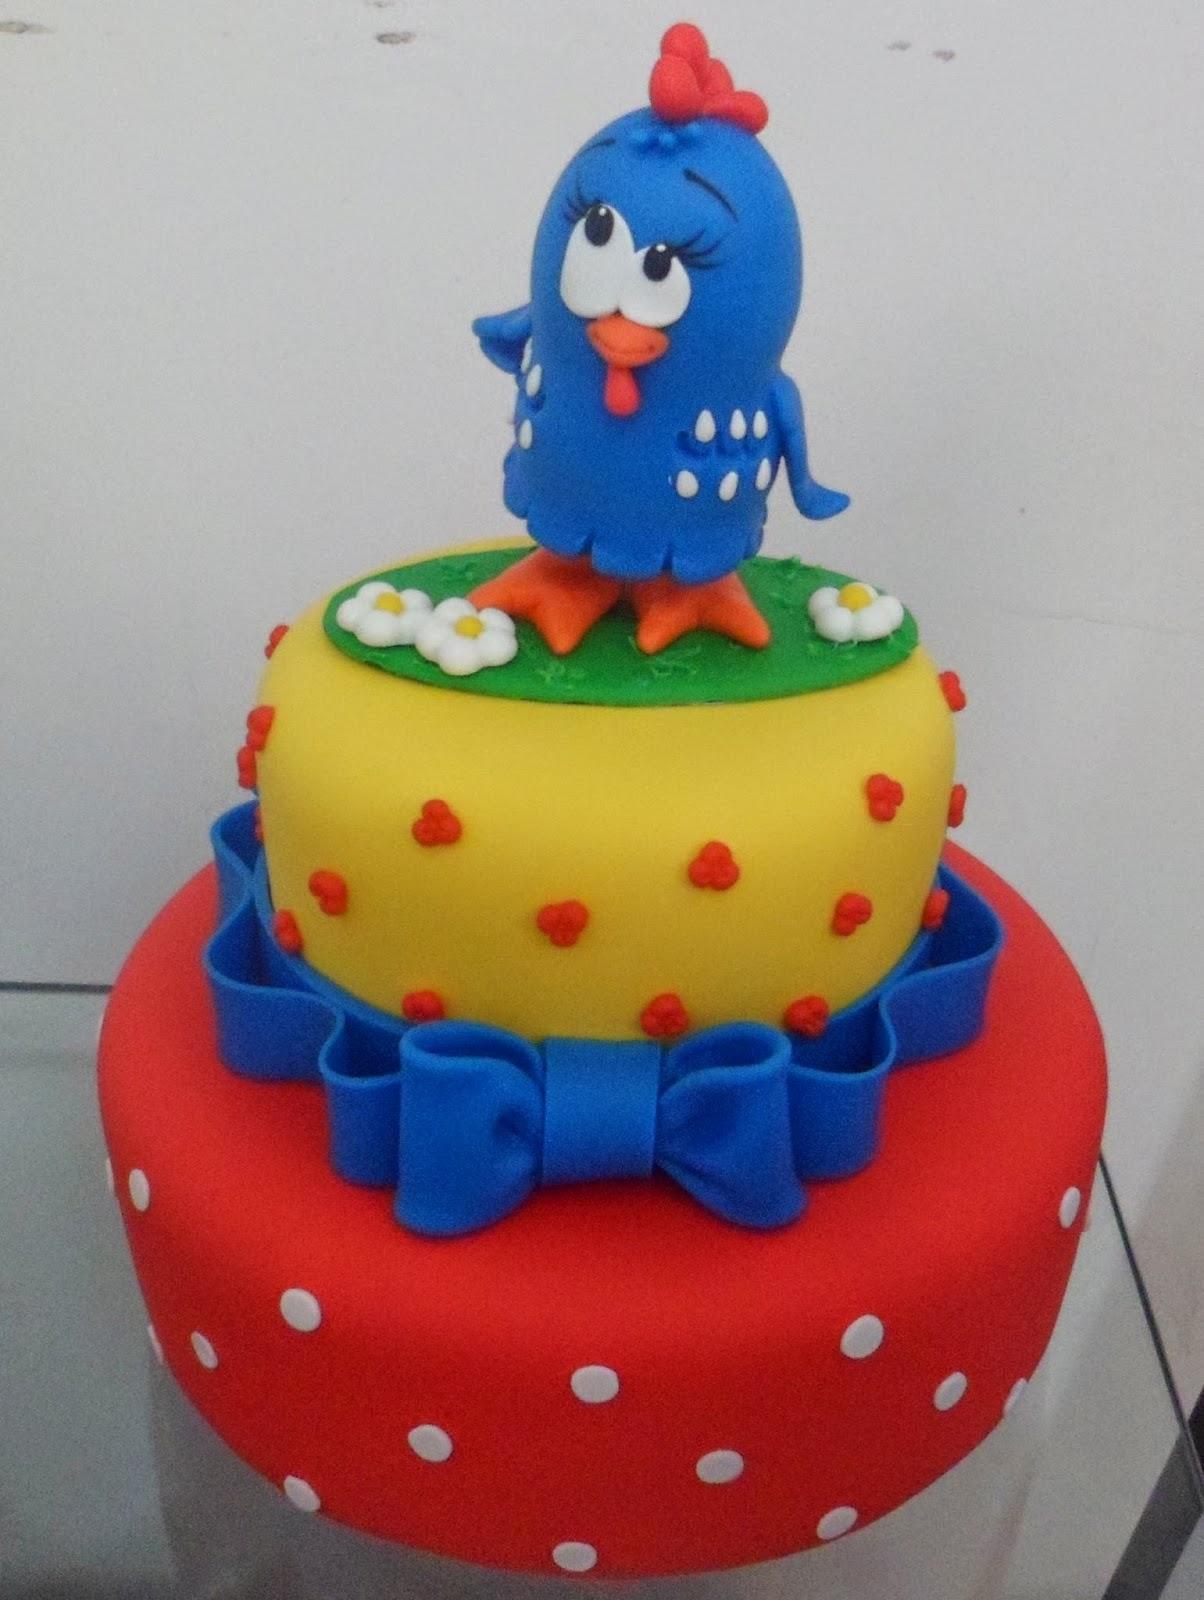 Como fazer bolo fake Minnie Mouse para festa infantil - Vídeo, dicas, modelos e fotos